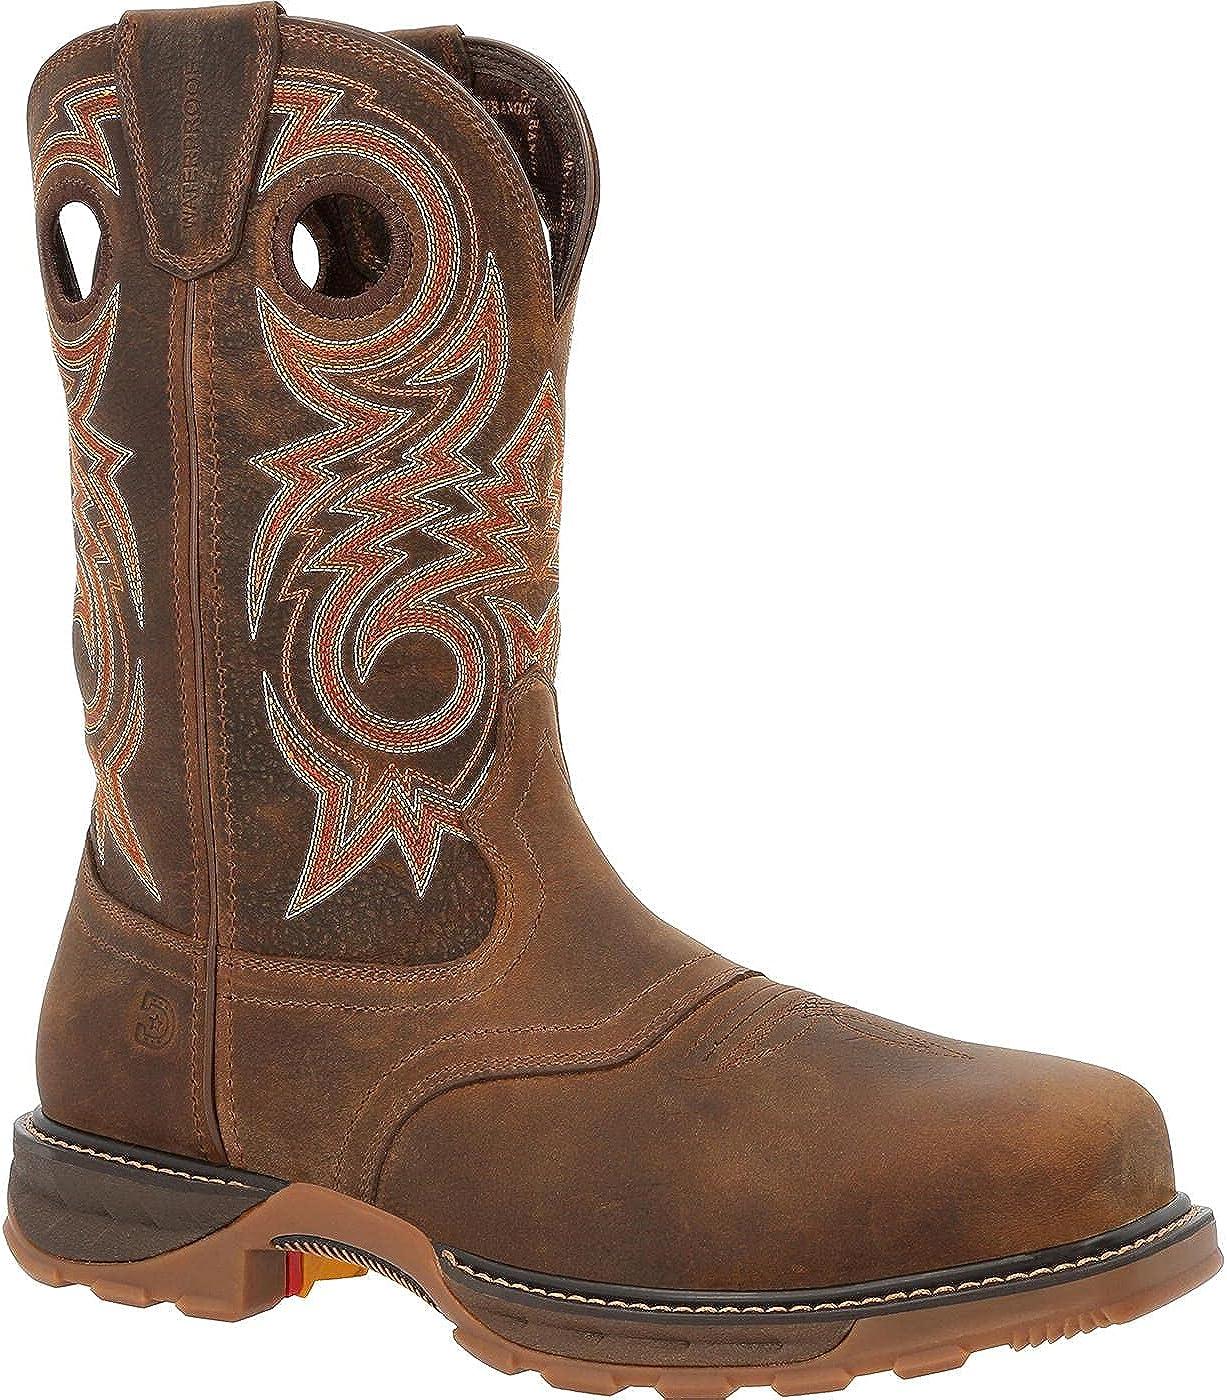 好評受付中 正規取扱店 Durango Maverick XP Composite Toe Work Western Waterproof Boot